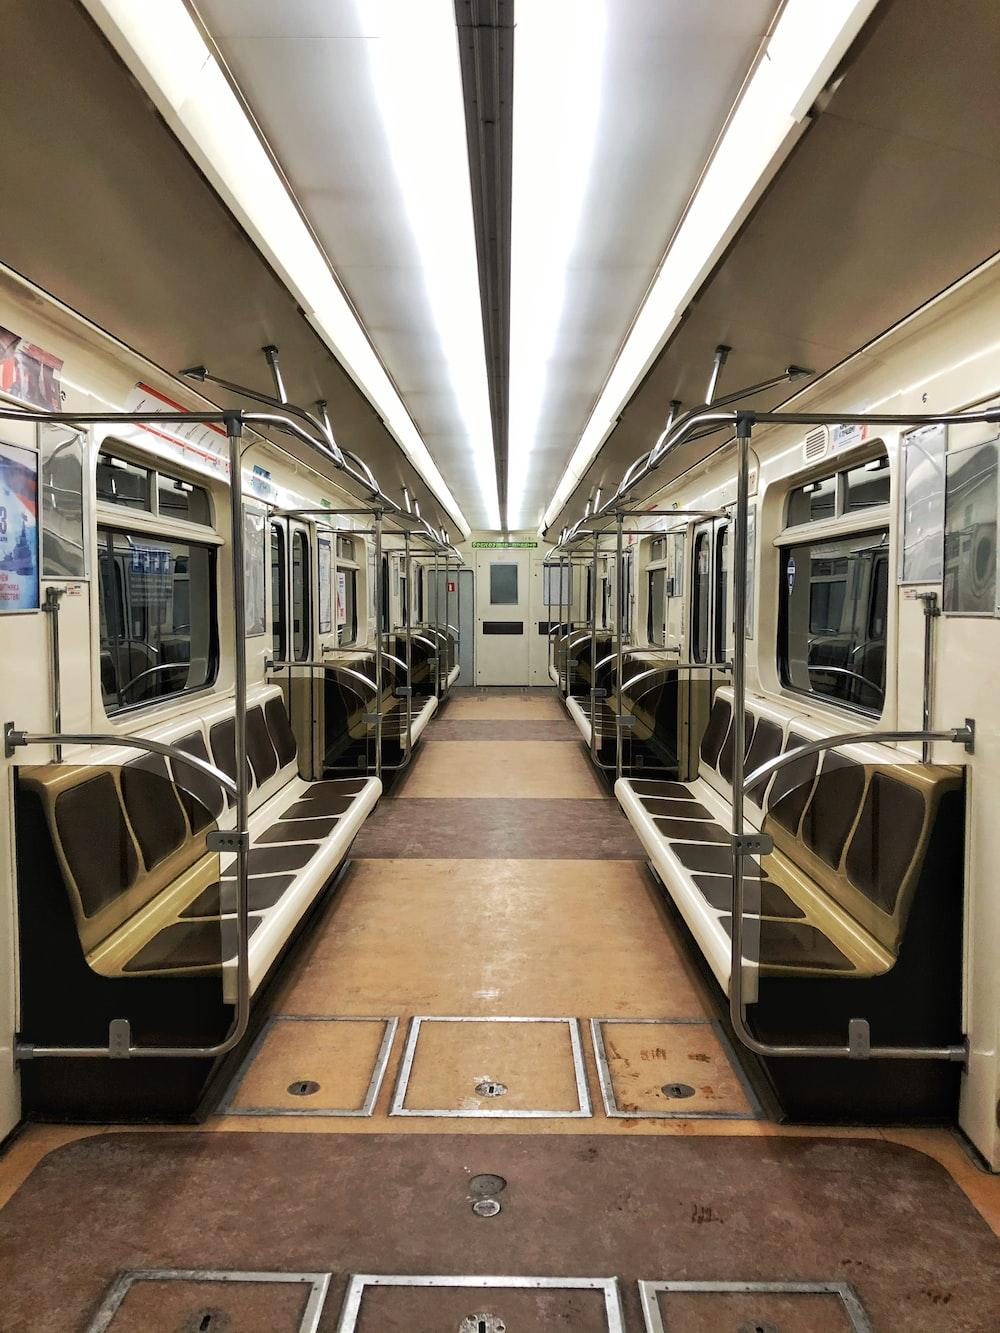 white and black train interior